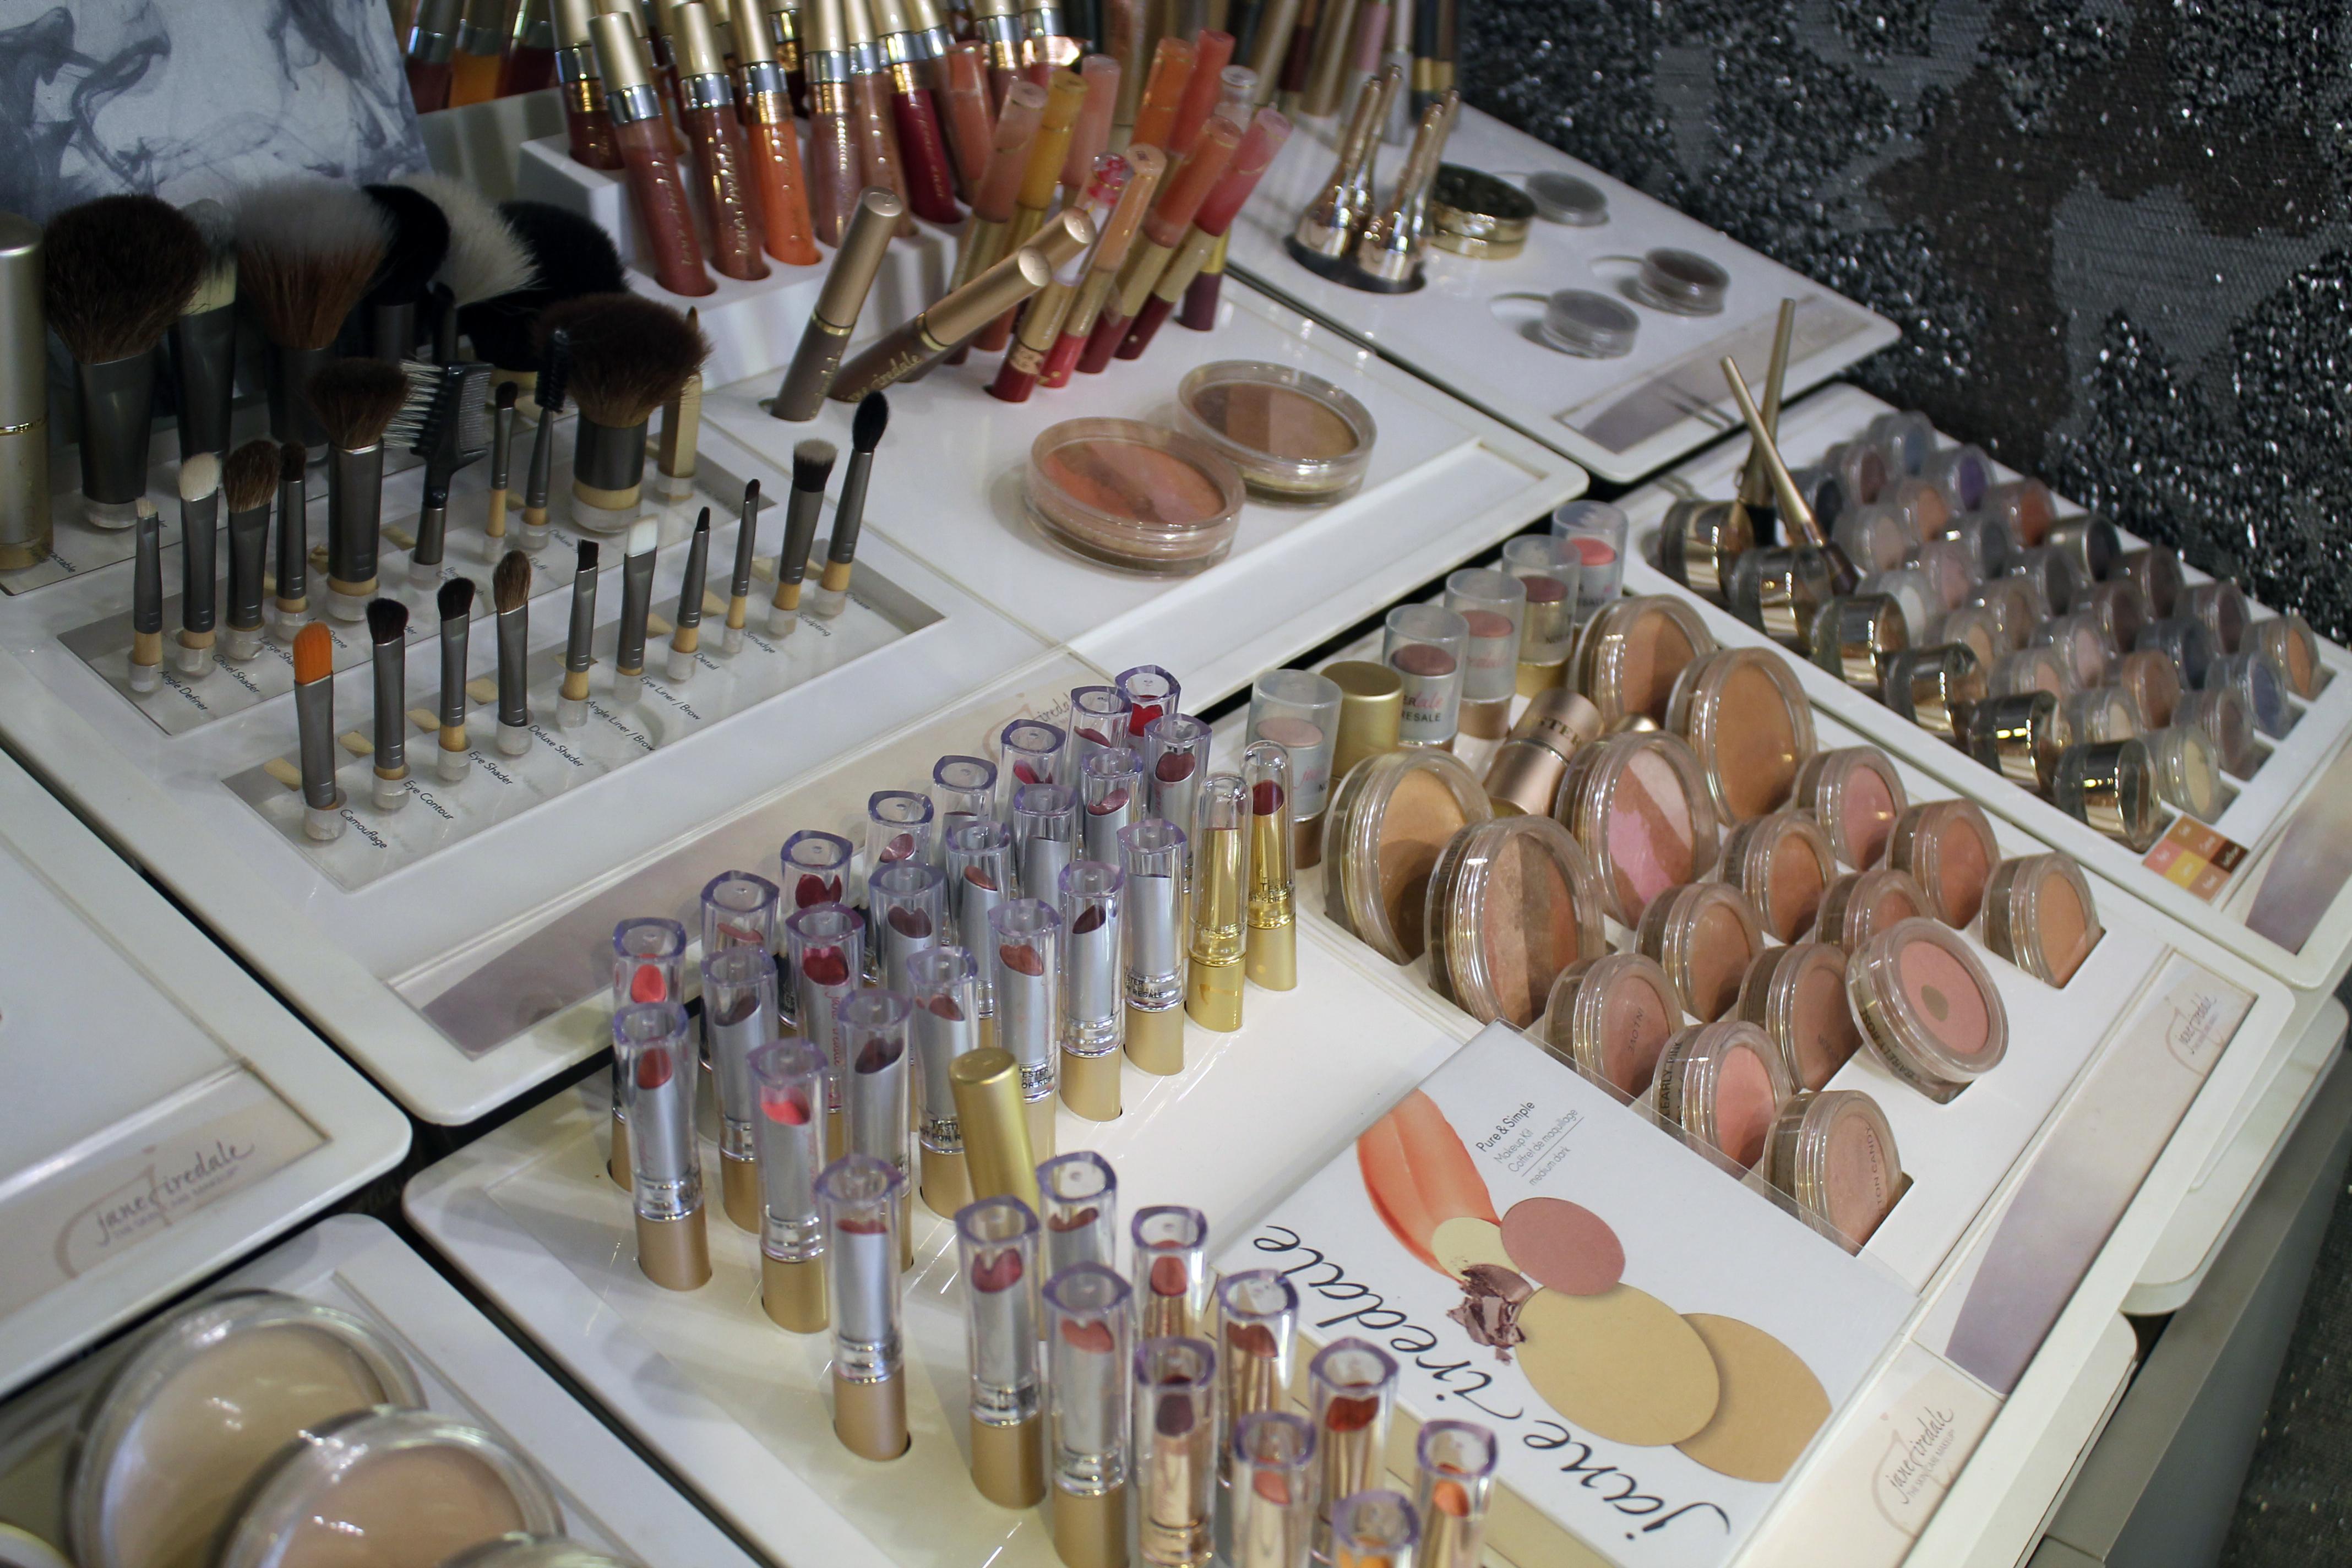 makeupset2